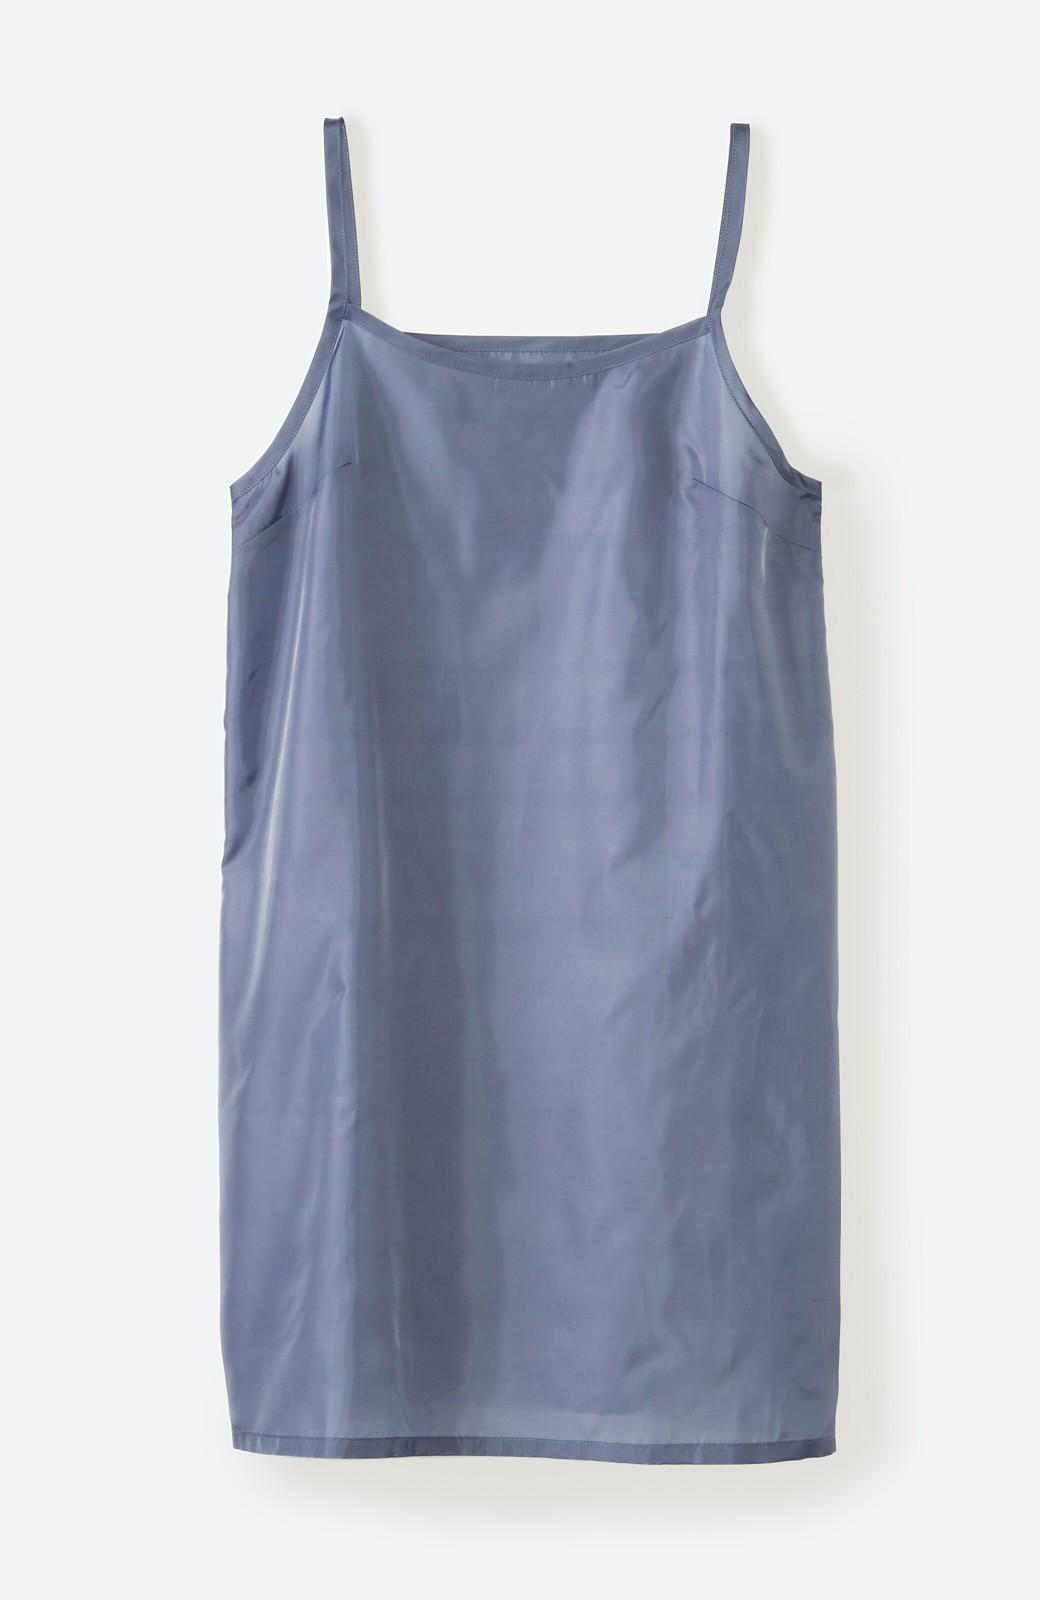 haco! 羽織としてもワンピースとしても着られちゃう 後ろ姿まで抜かりなくかわいいプリーツワンピース <ブルー>の商品写真10